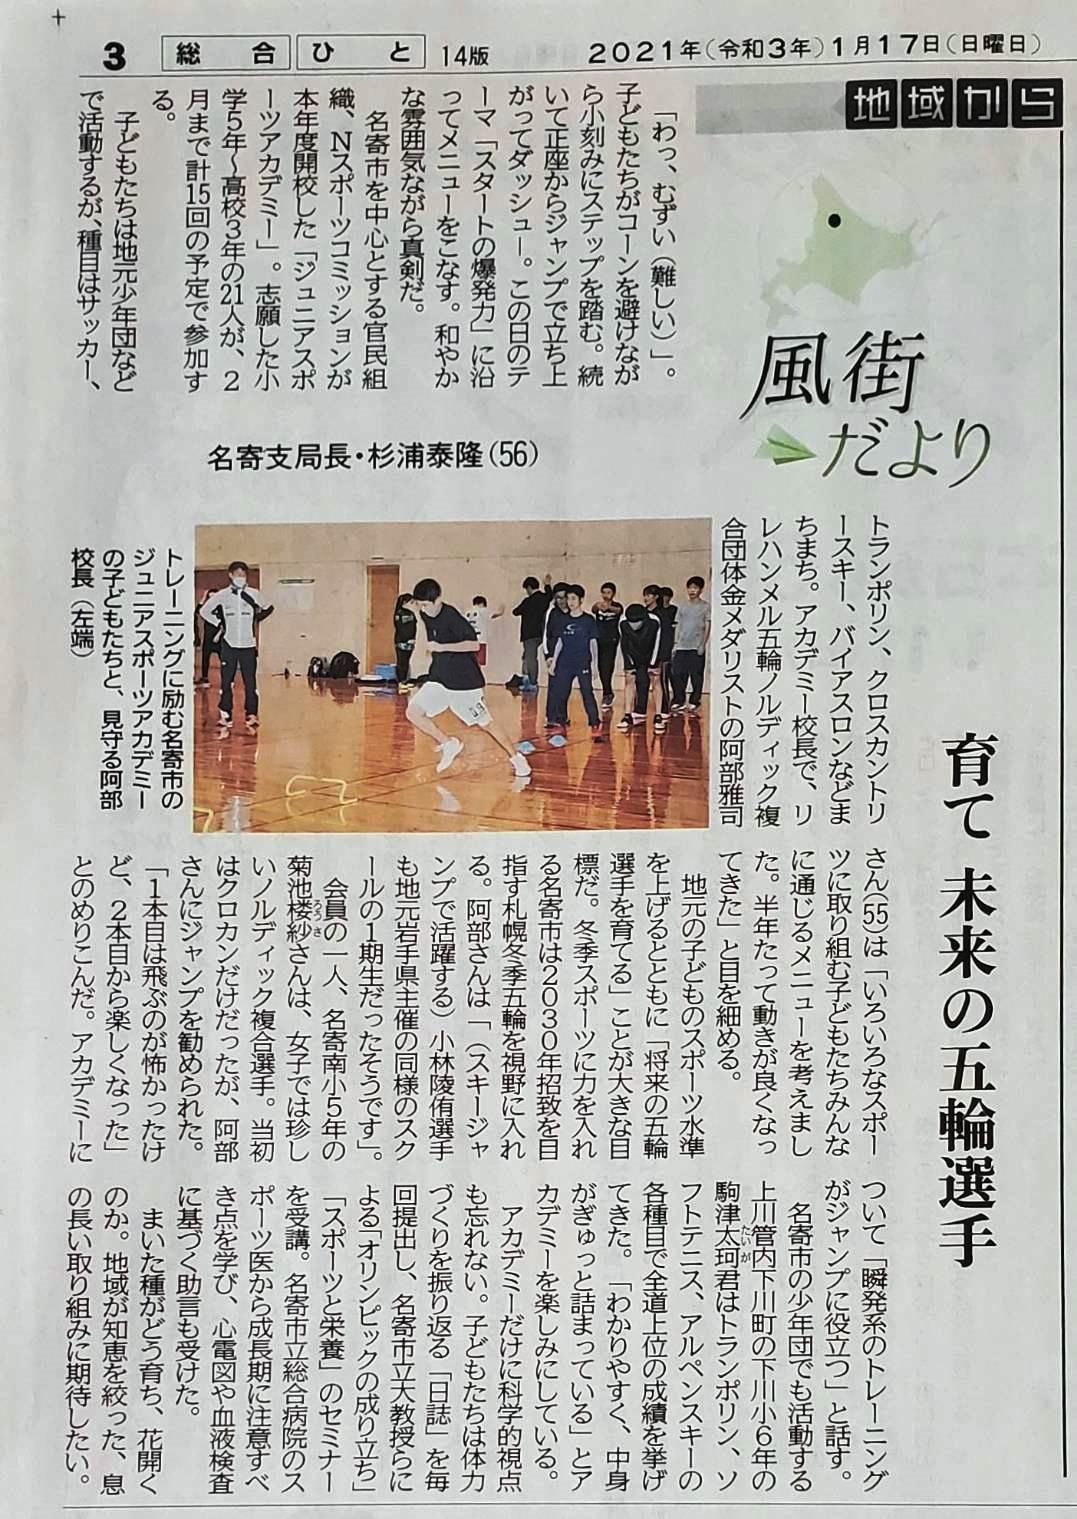 2021.1.16北海道新聞(ジュニアカ)